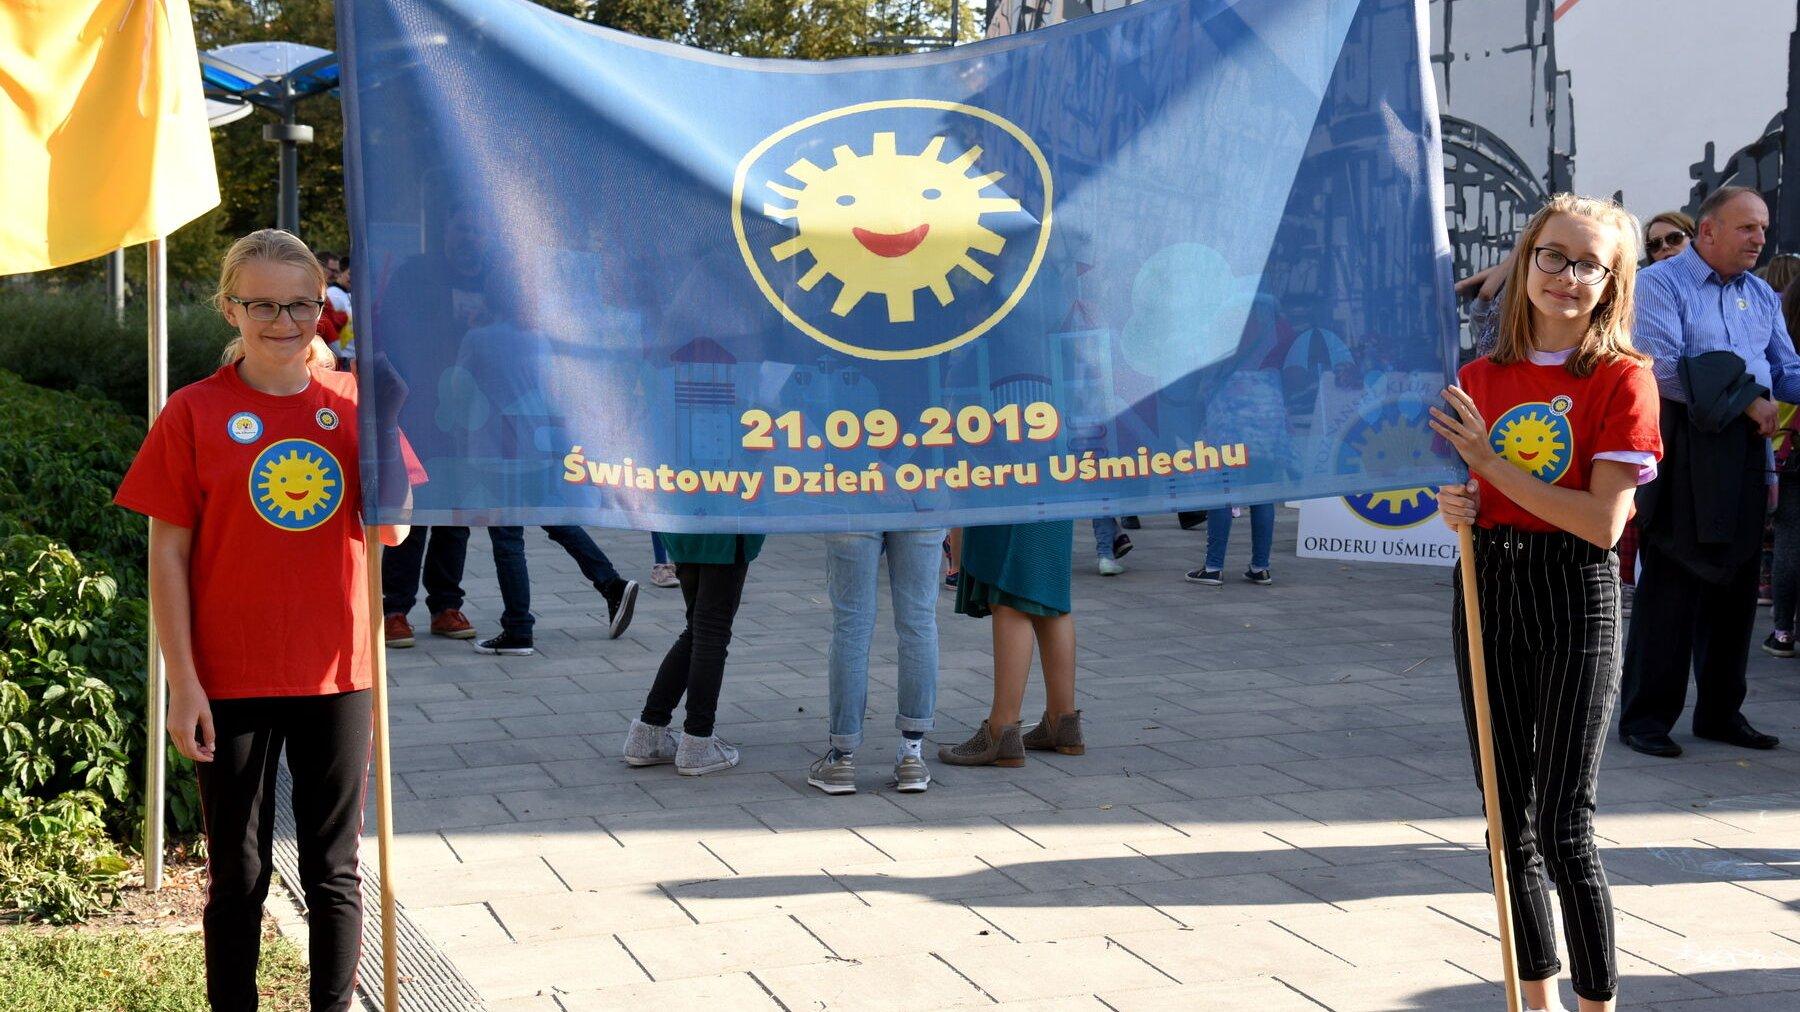 Alejka spacerowa w parku Starego Koryta Warty od soboty nosi imię Orderu Uśmiechu.